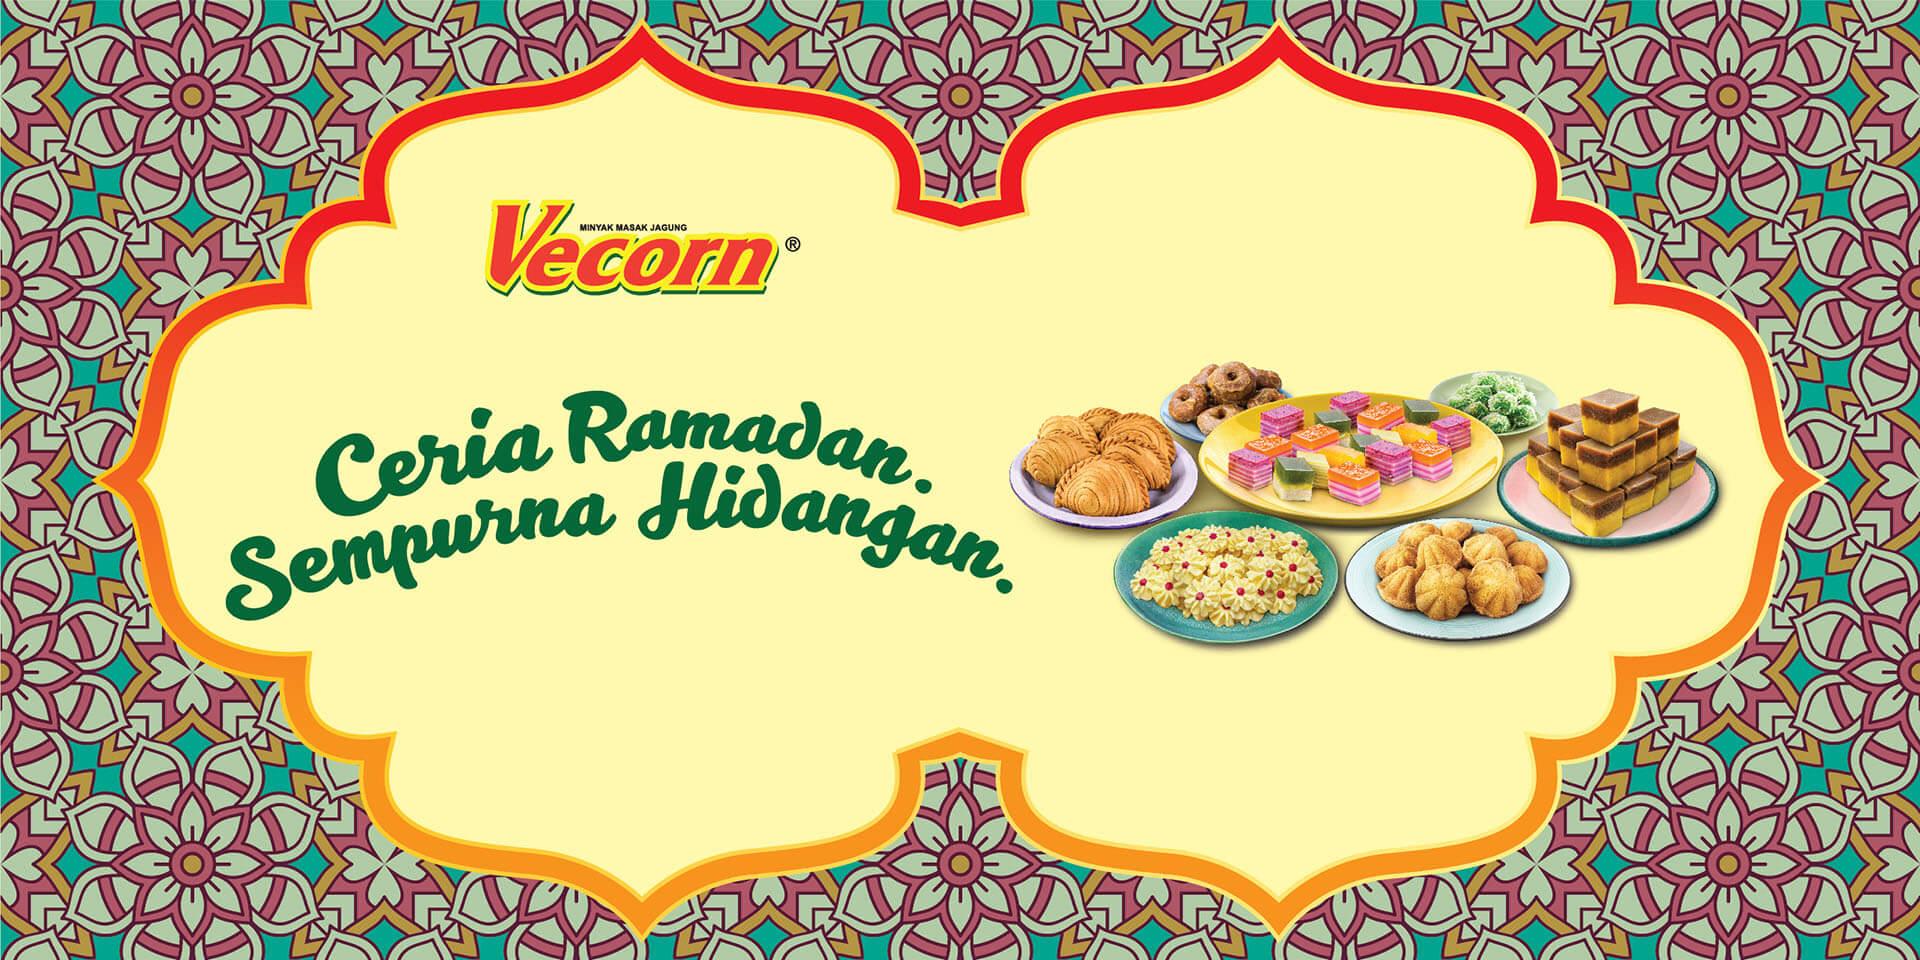 Vecorn